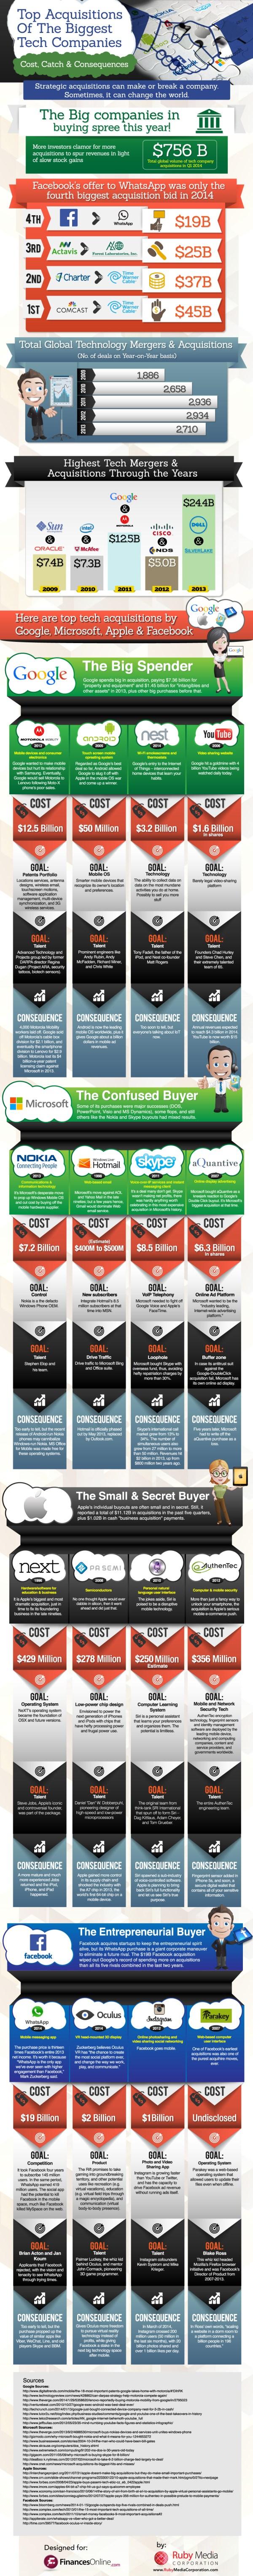 comparisons.financesonline.com